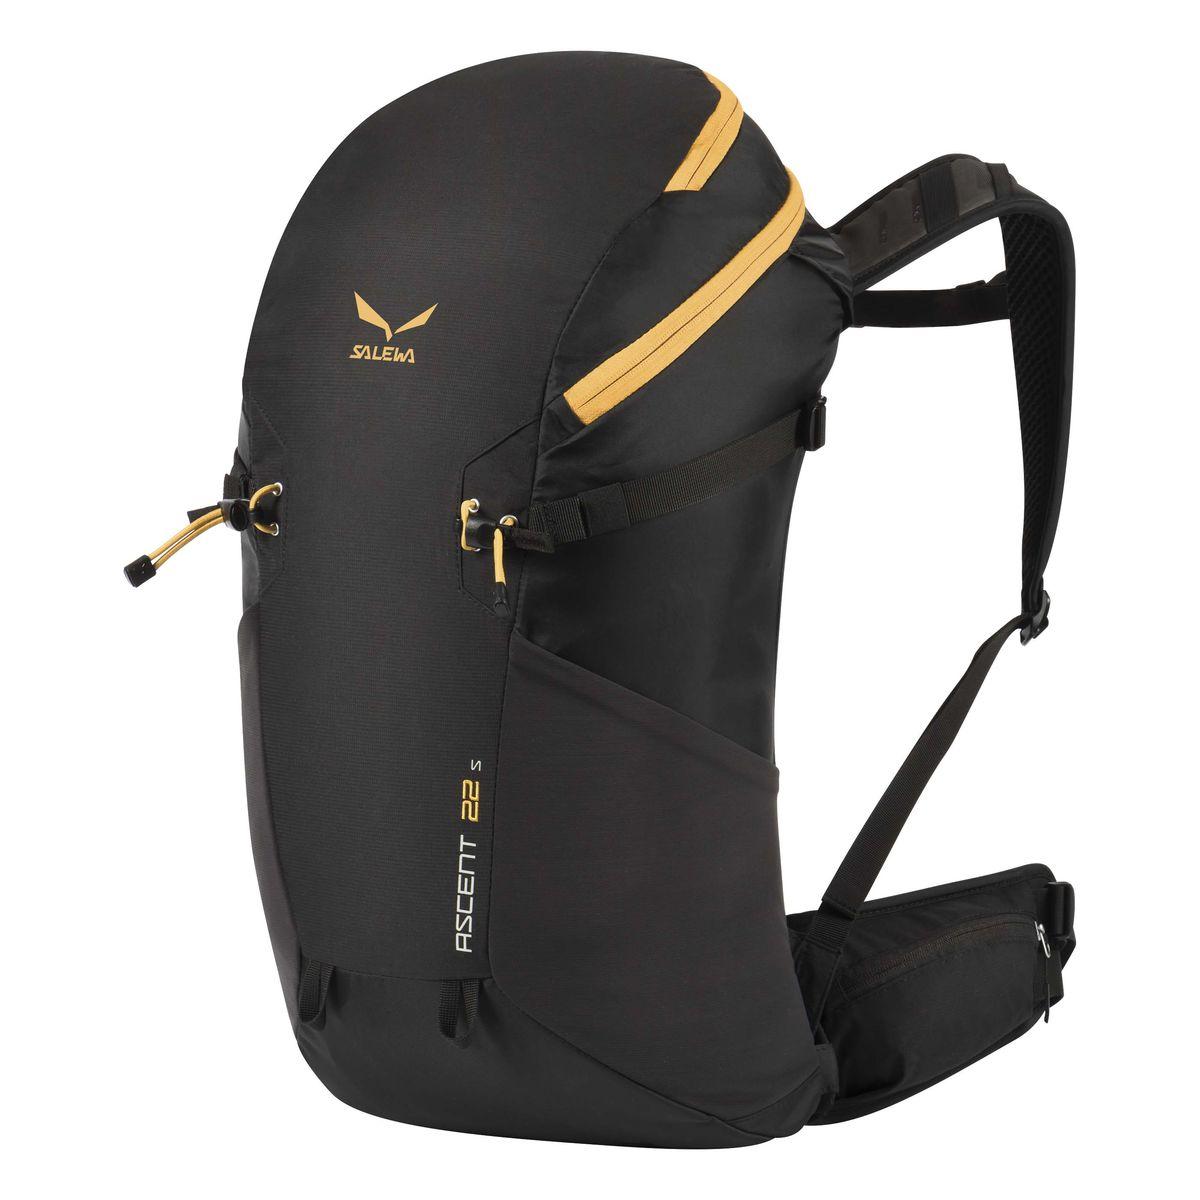 Рюкзак туристический Salewa Ascent 22s, цвет: черный, 22л